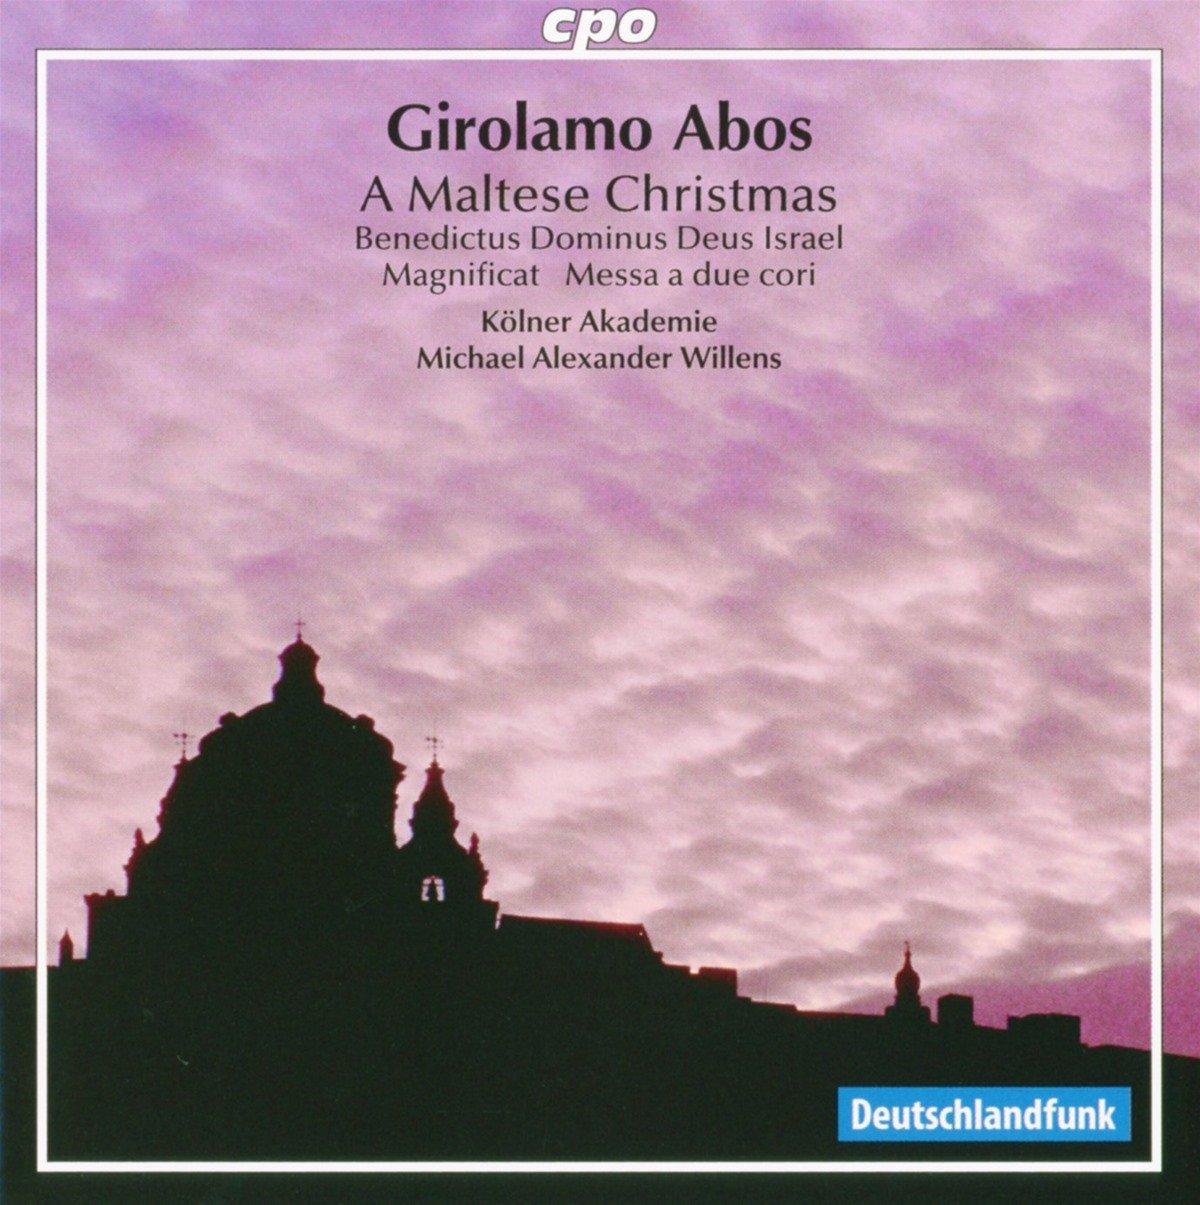 Abos Girolamo: a Maltese Christmas